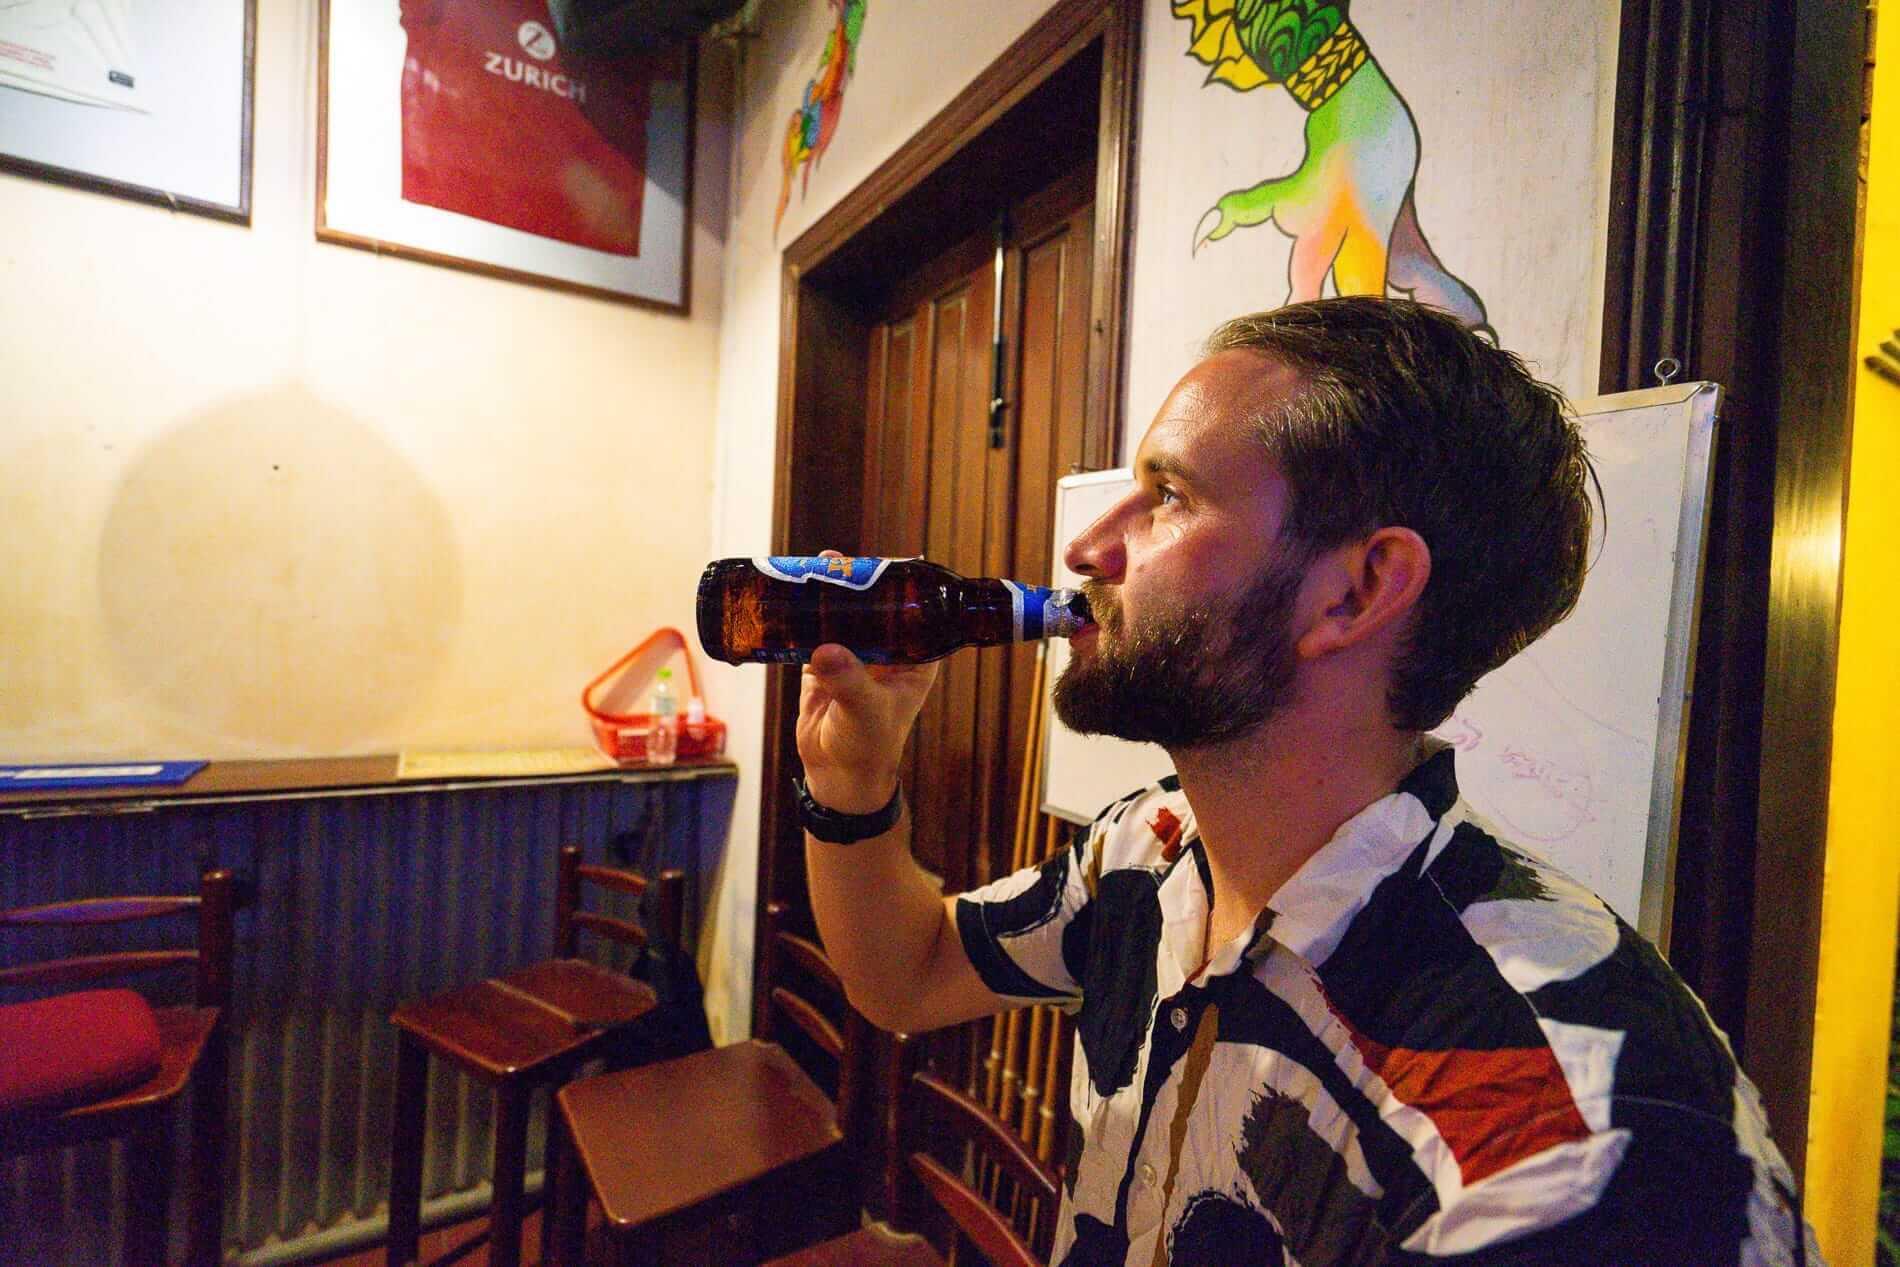 Drinking tiger beer